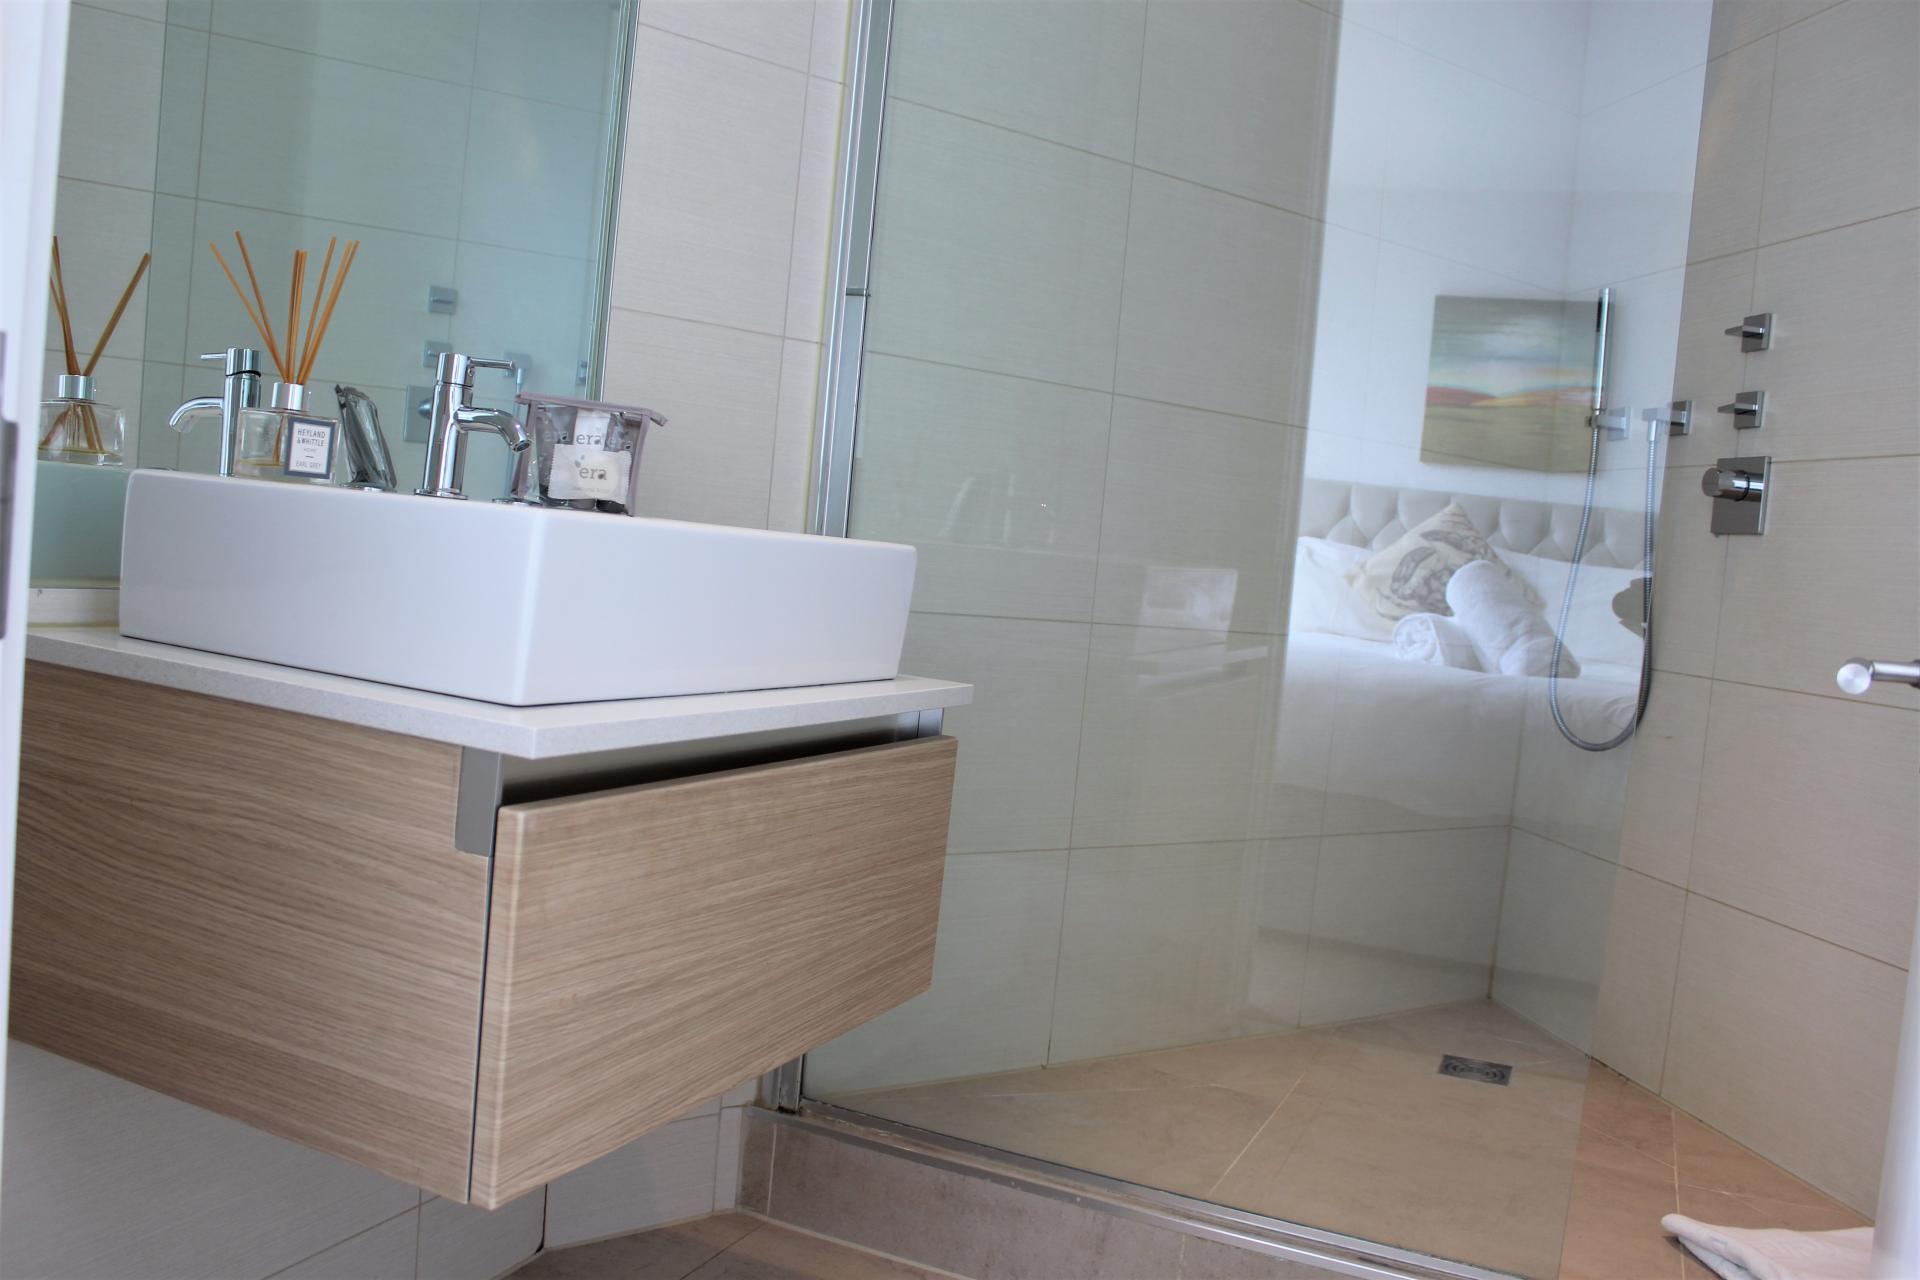 Bathroom at Gunwharf Quays Apartments, Gunwharf Quays, Portsmouth